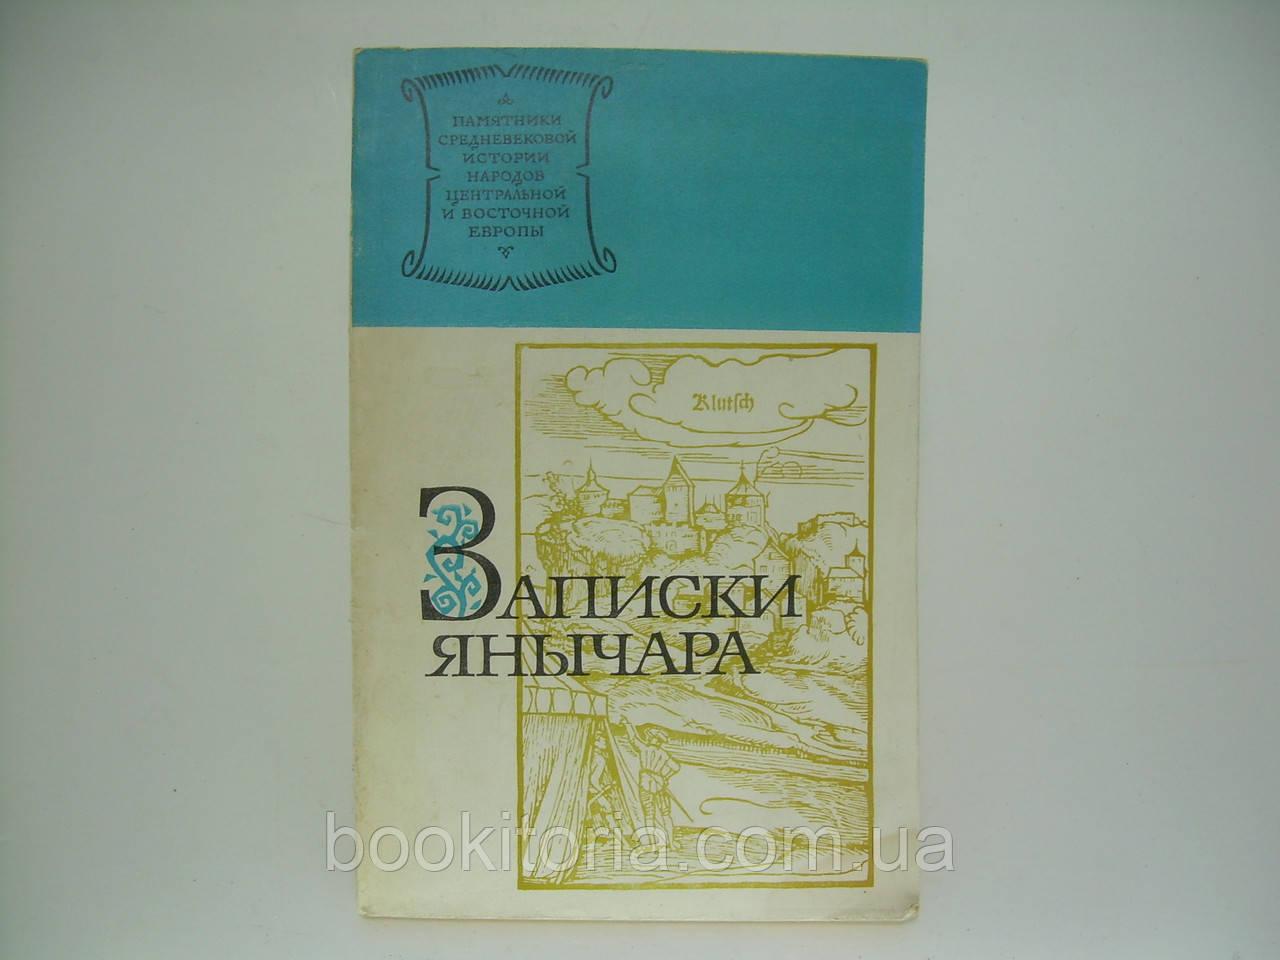 Записки янычара. Написаны Константином Михайловичем из Островицы (б/у).